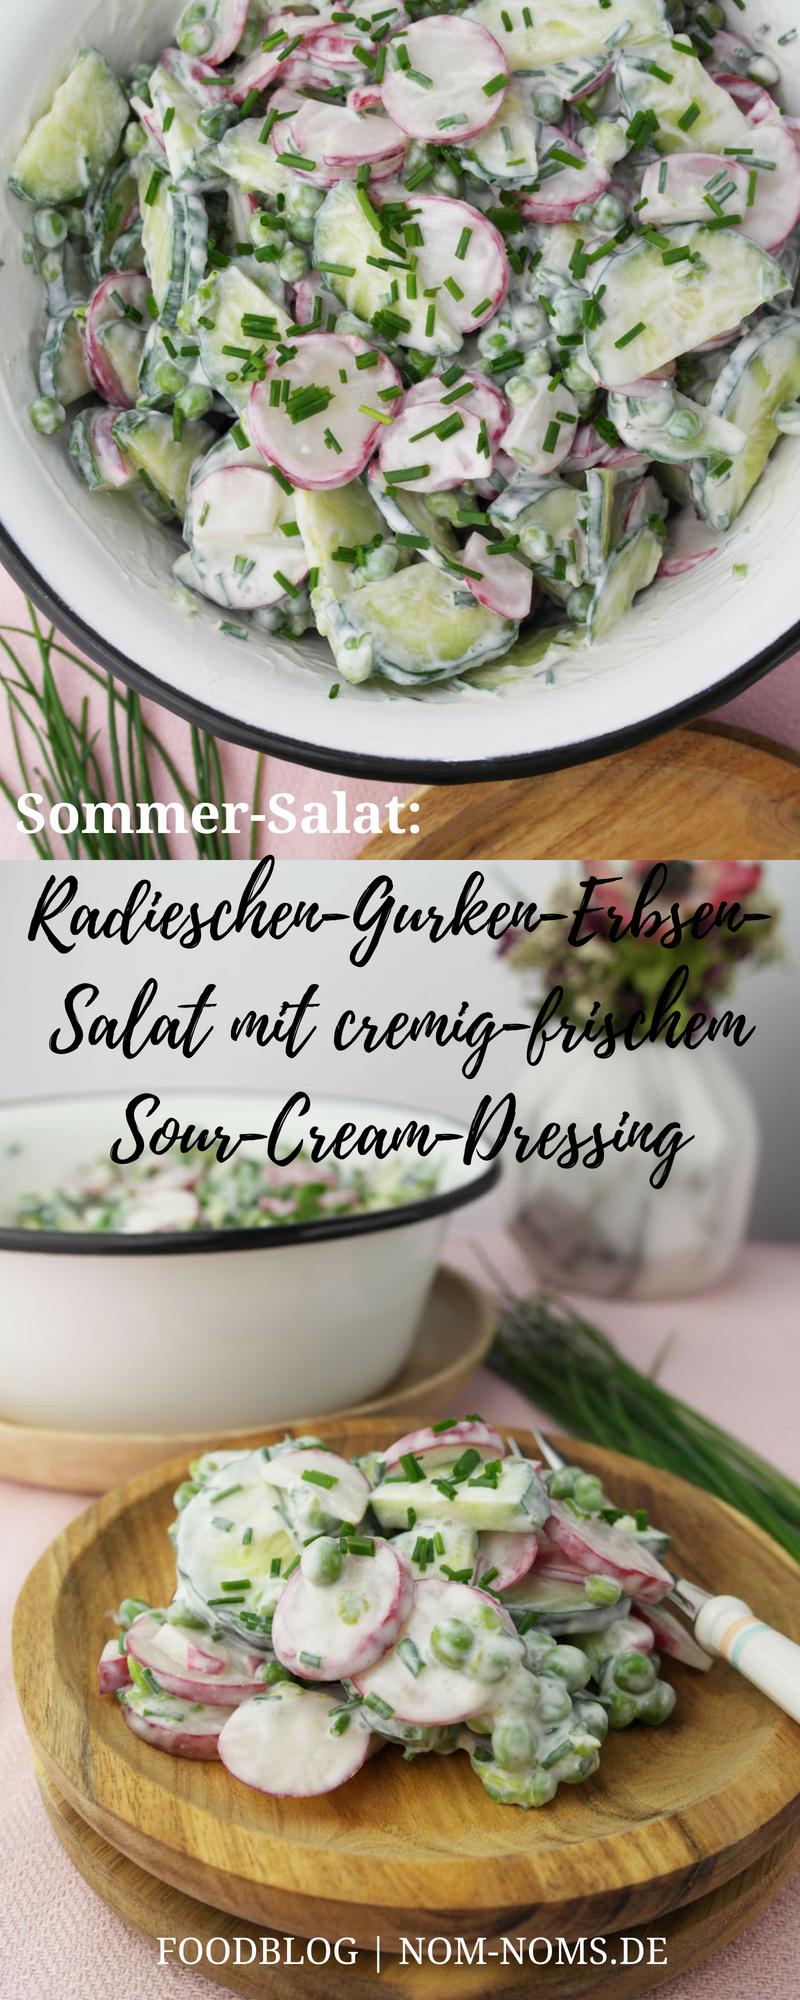 Radieschen-Gurken-Erbsen-Salat mit cremig-frischem Sour-Cream-Dressing #food